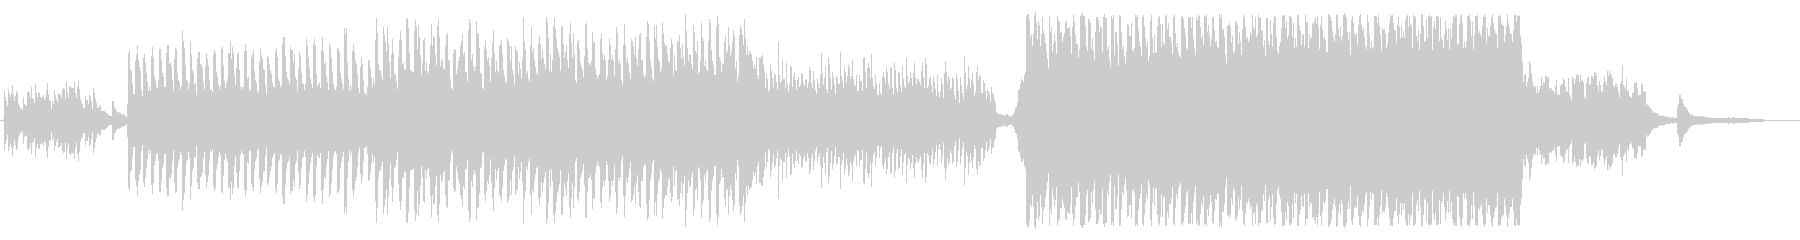 切ないピアノと弦のサウンドスケープの未再生の波形